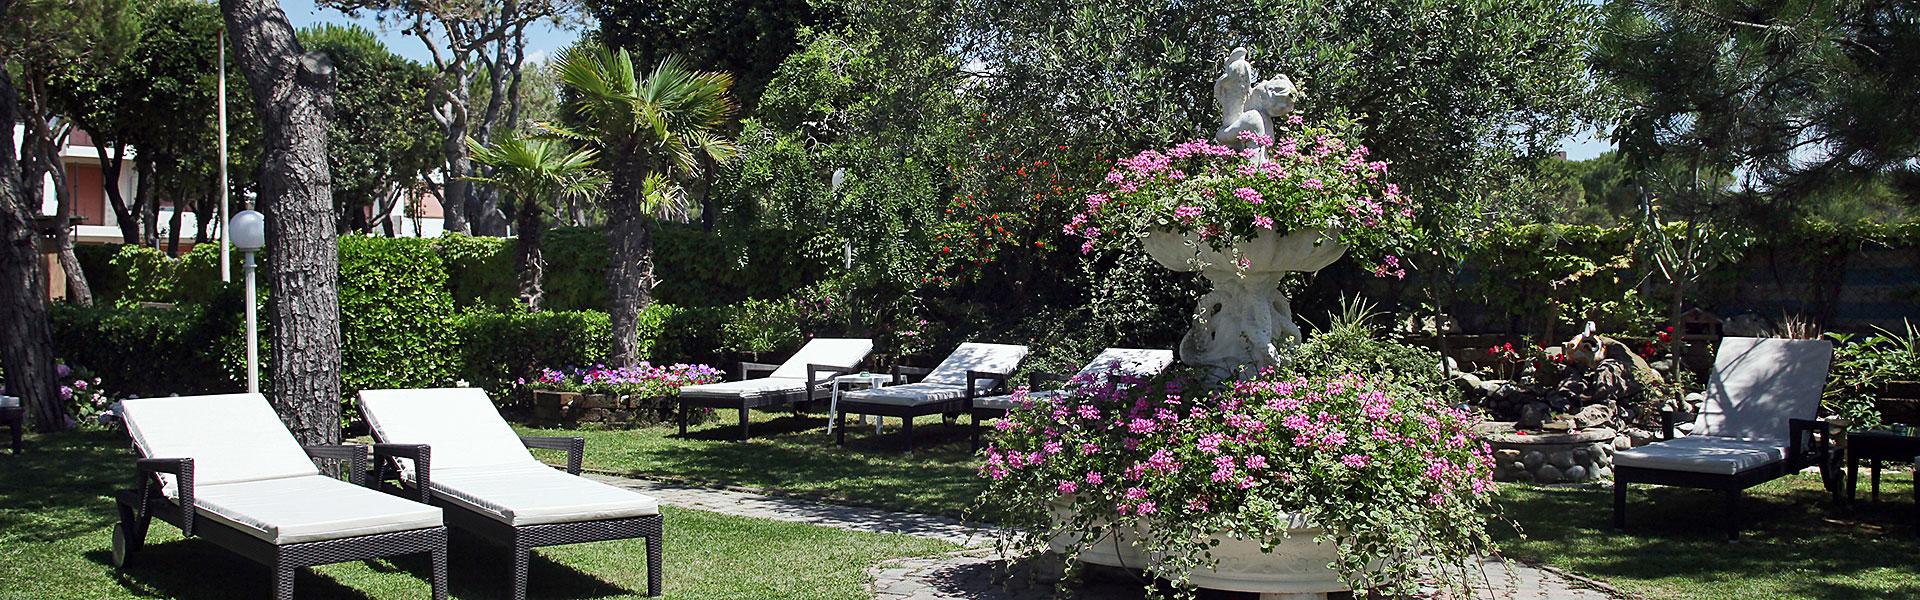 jesolo-hotel-con-giardino